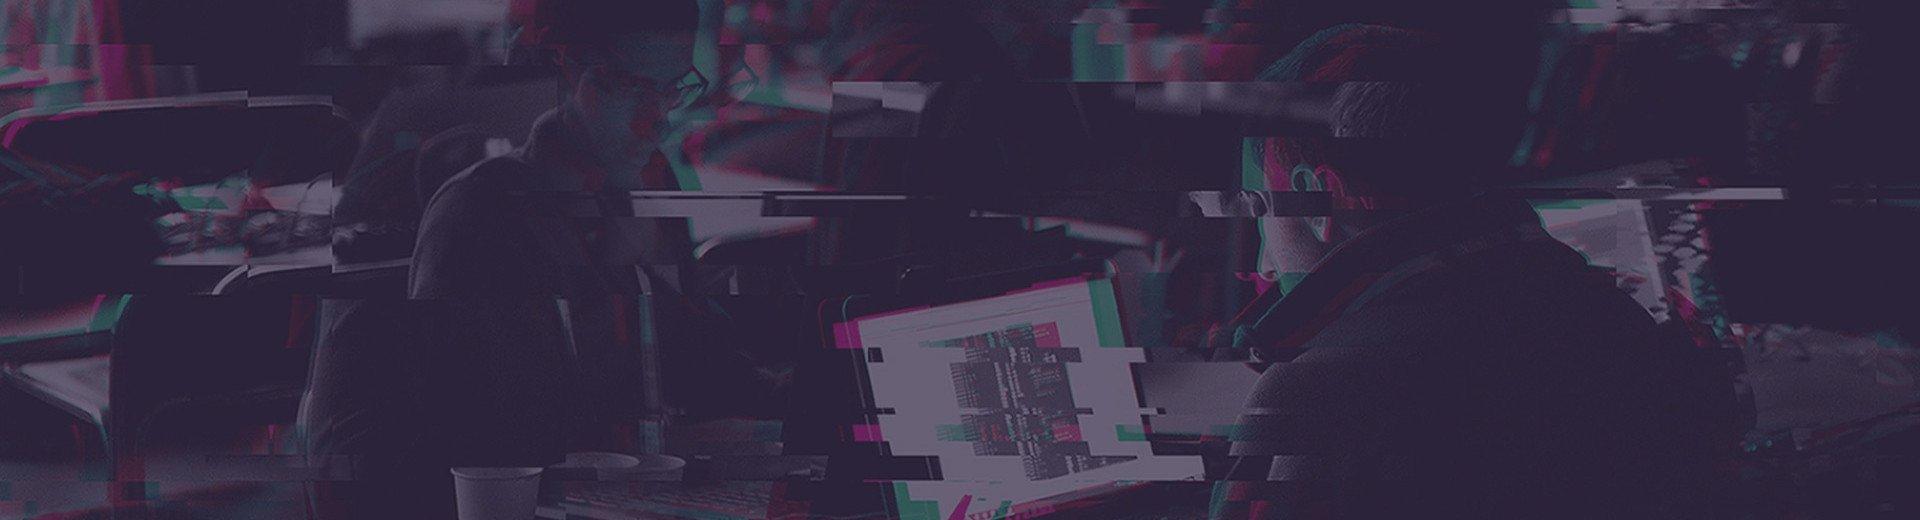 Okładka artykułu HackYeah — Największy stacjonarny Hackathon w Europie